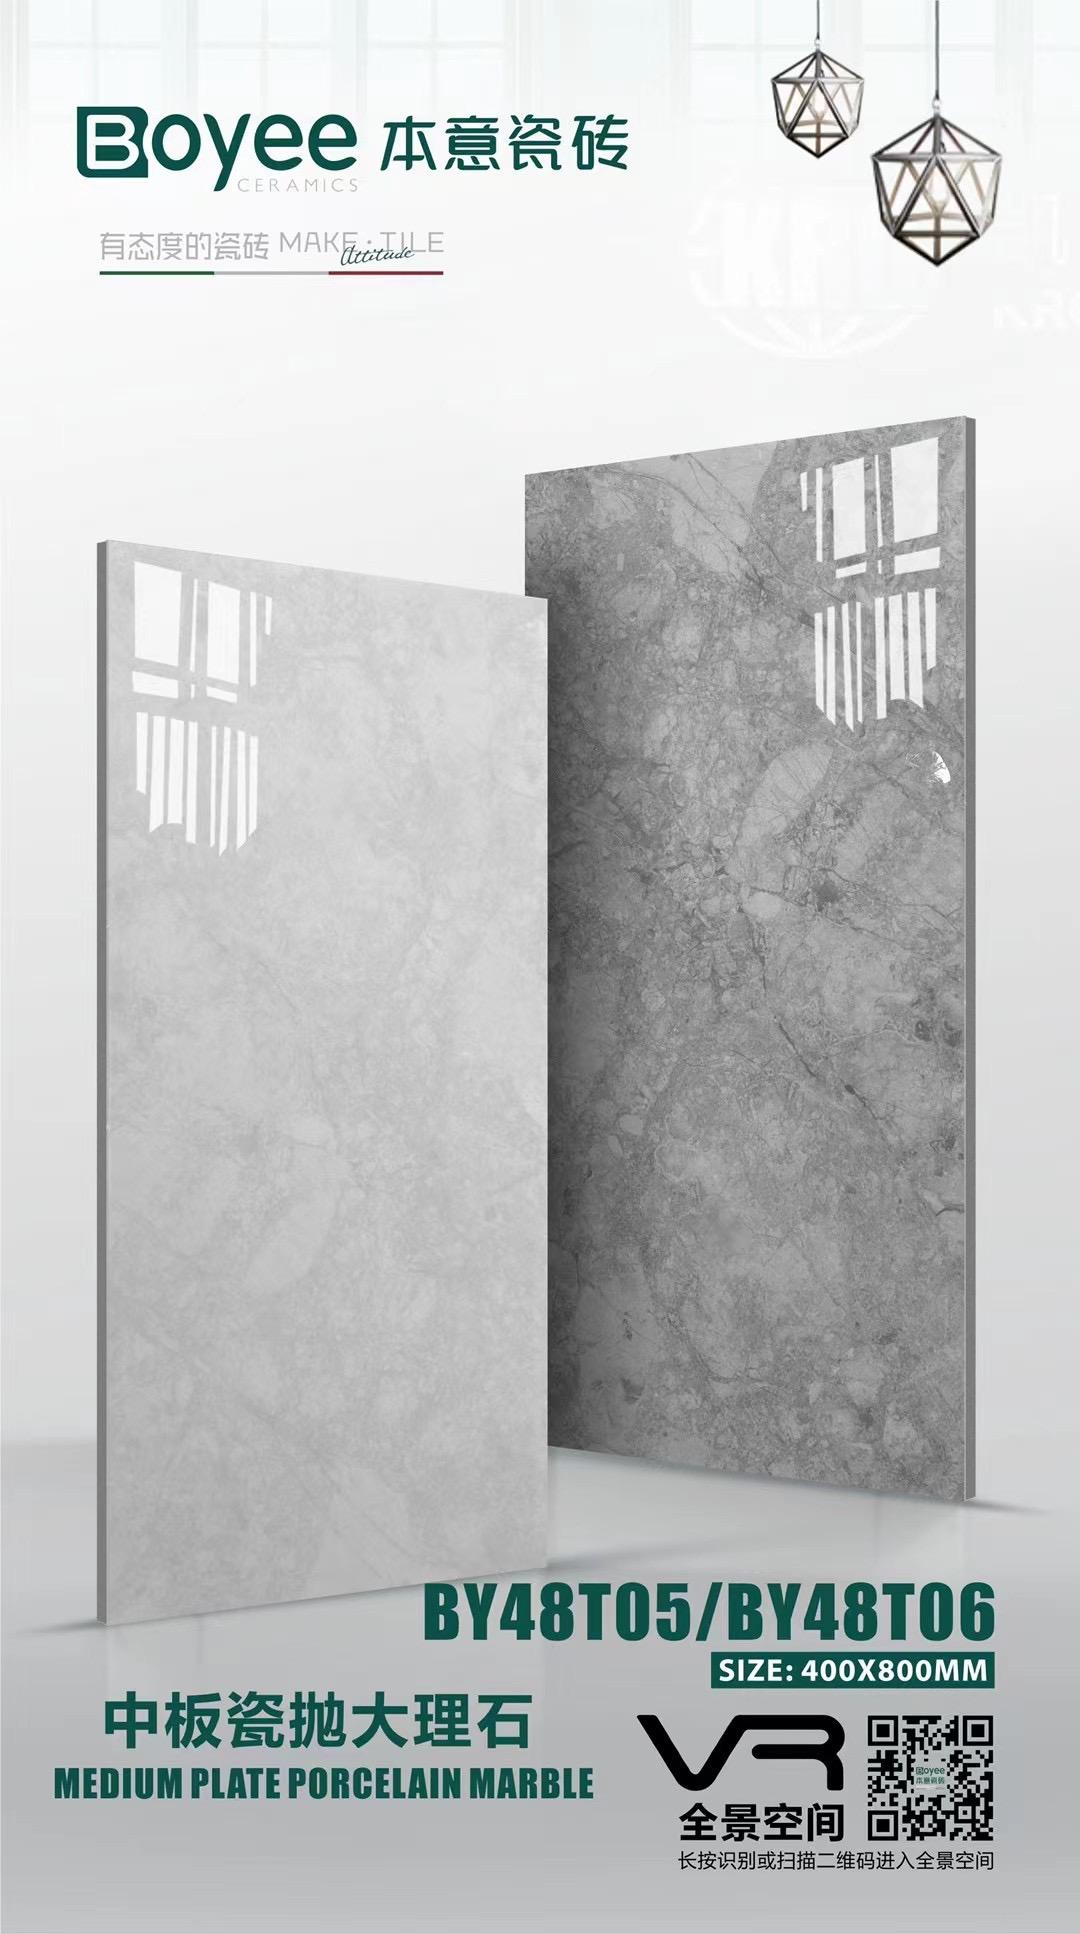 雅安瓷砖批发厂家提示在选购瓷砖时应该注意到的问题